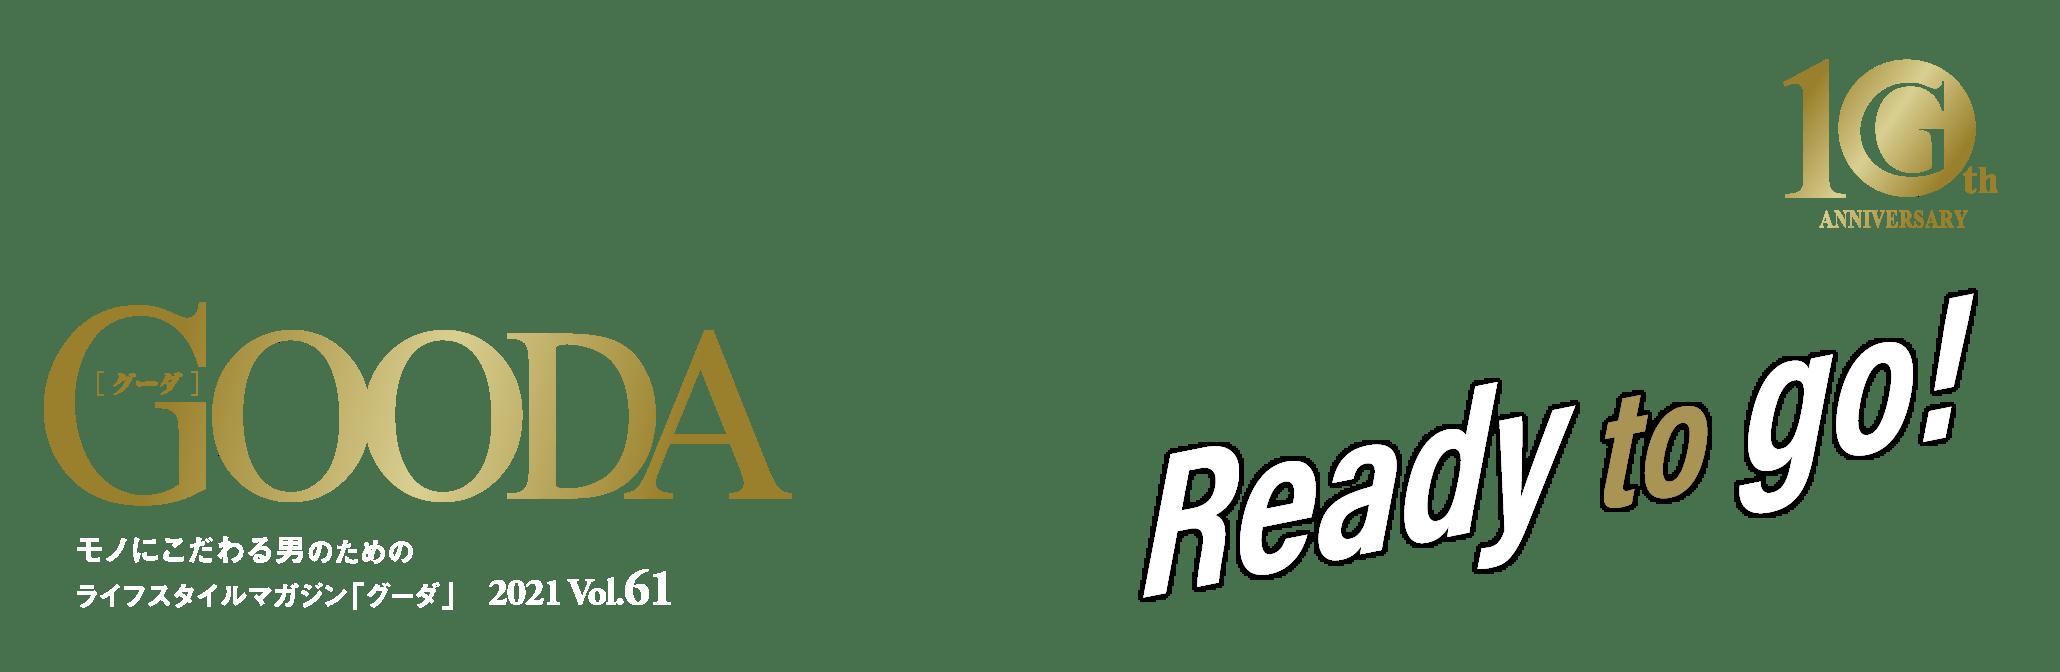 モノにこだわる男のためのライフスタイルマガジン「グーダ」 2021 vol.61